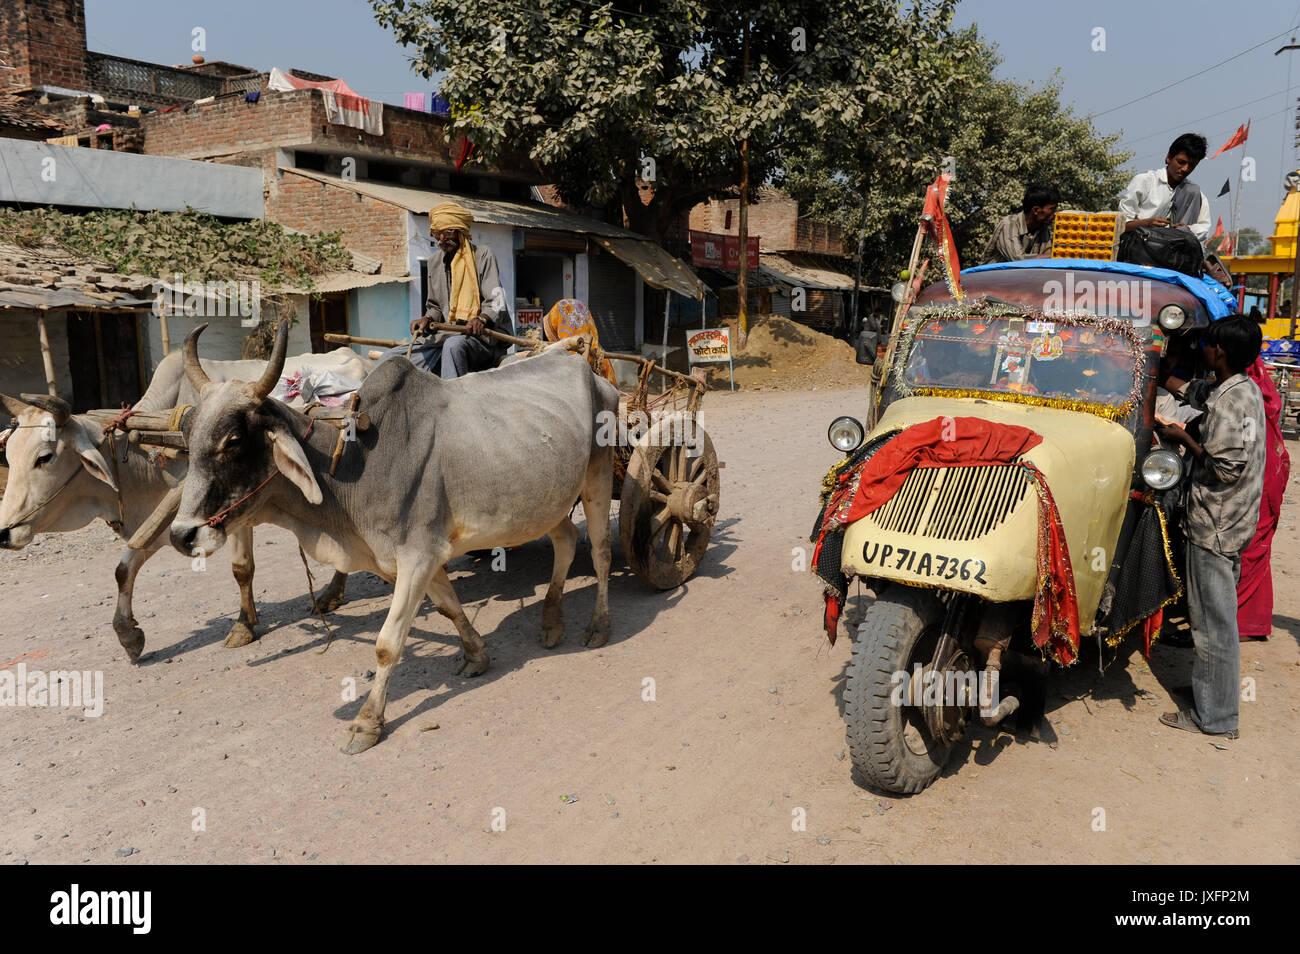 Indien U.P. Bundelkhand, Mahoba, öffentlicher Verkehr mit alten drei wheleer Tempo/Indien, altes Mahoba dreiraedriges Tempo Fahrzeug als Tranportmittel Stockbild